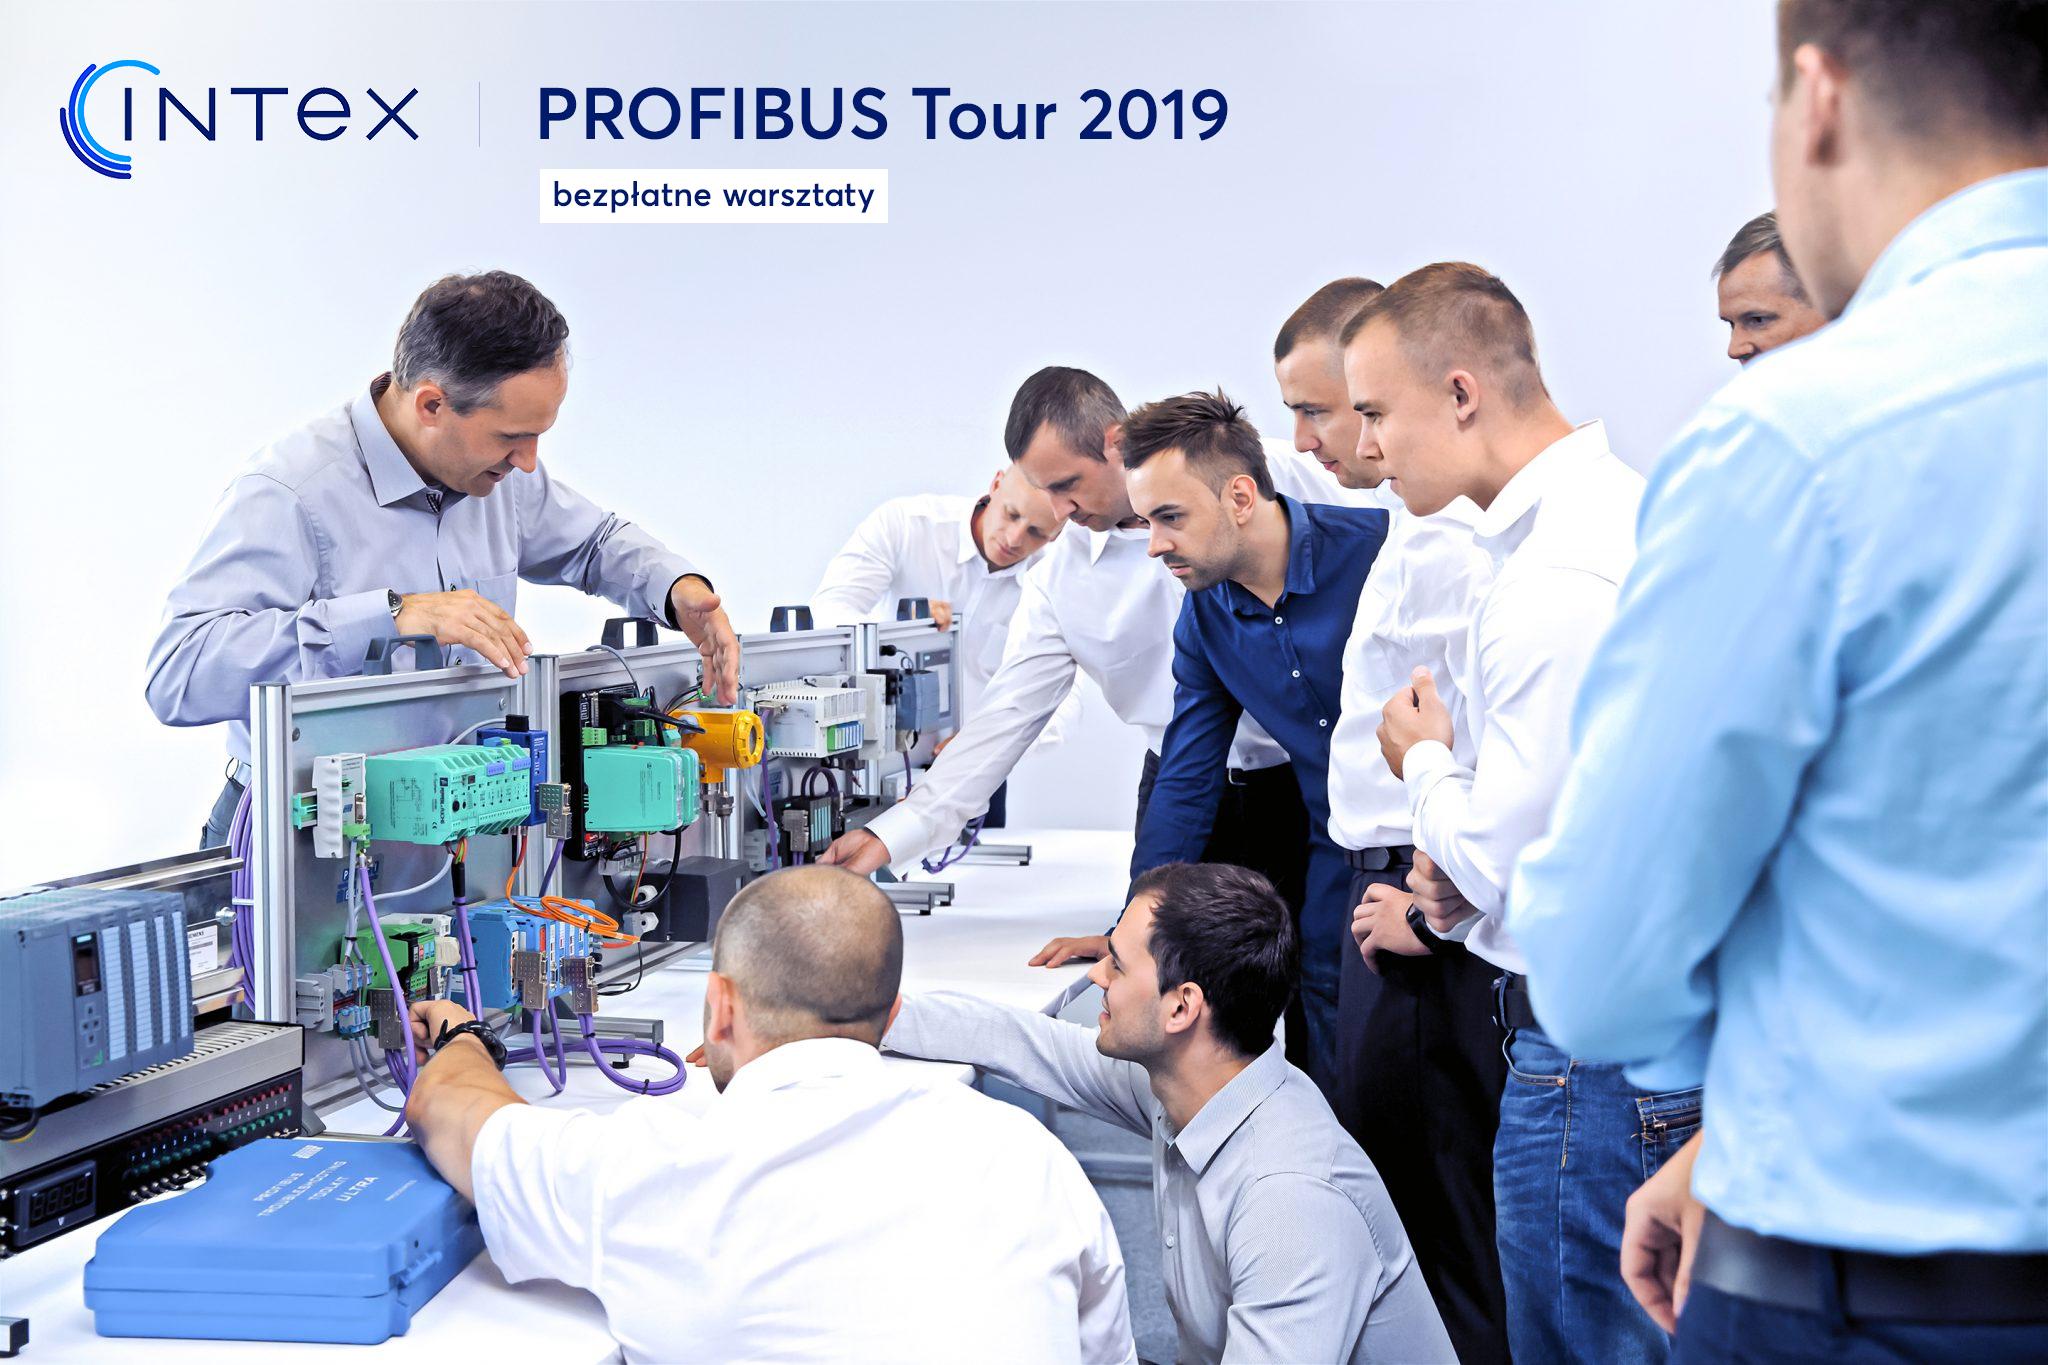 intex-profibustour2019